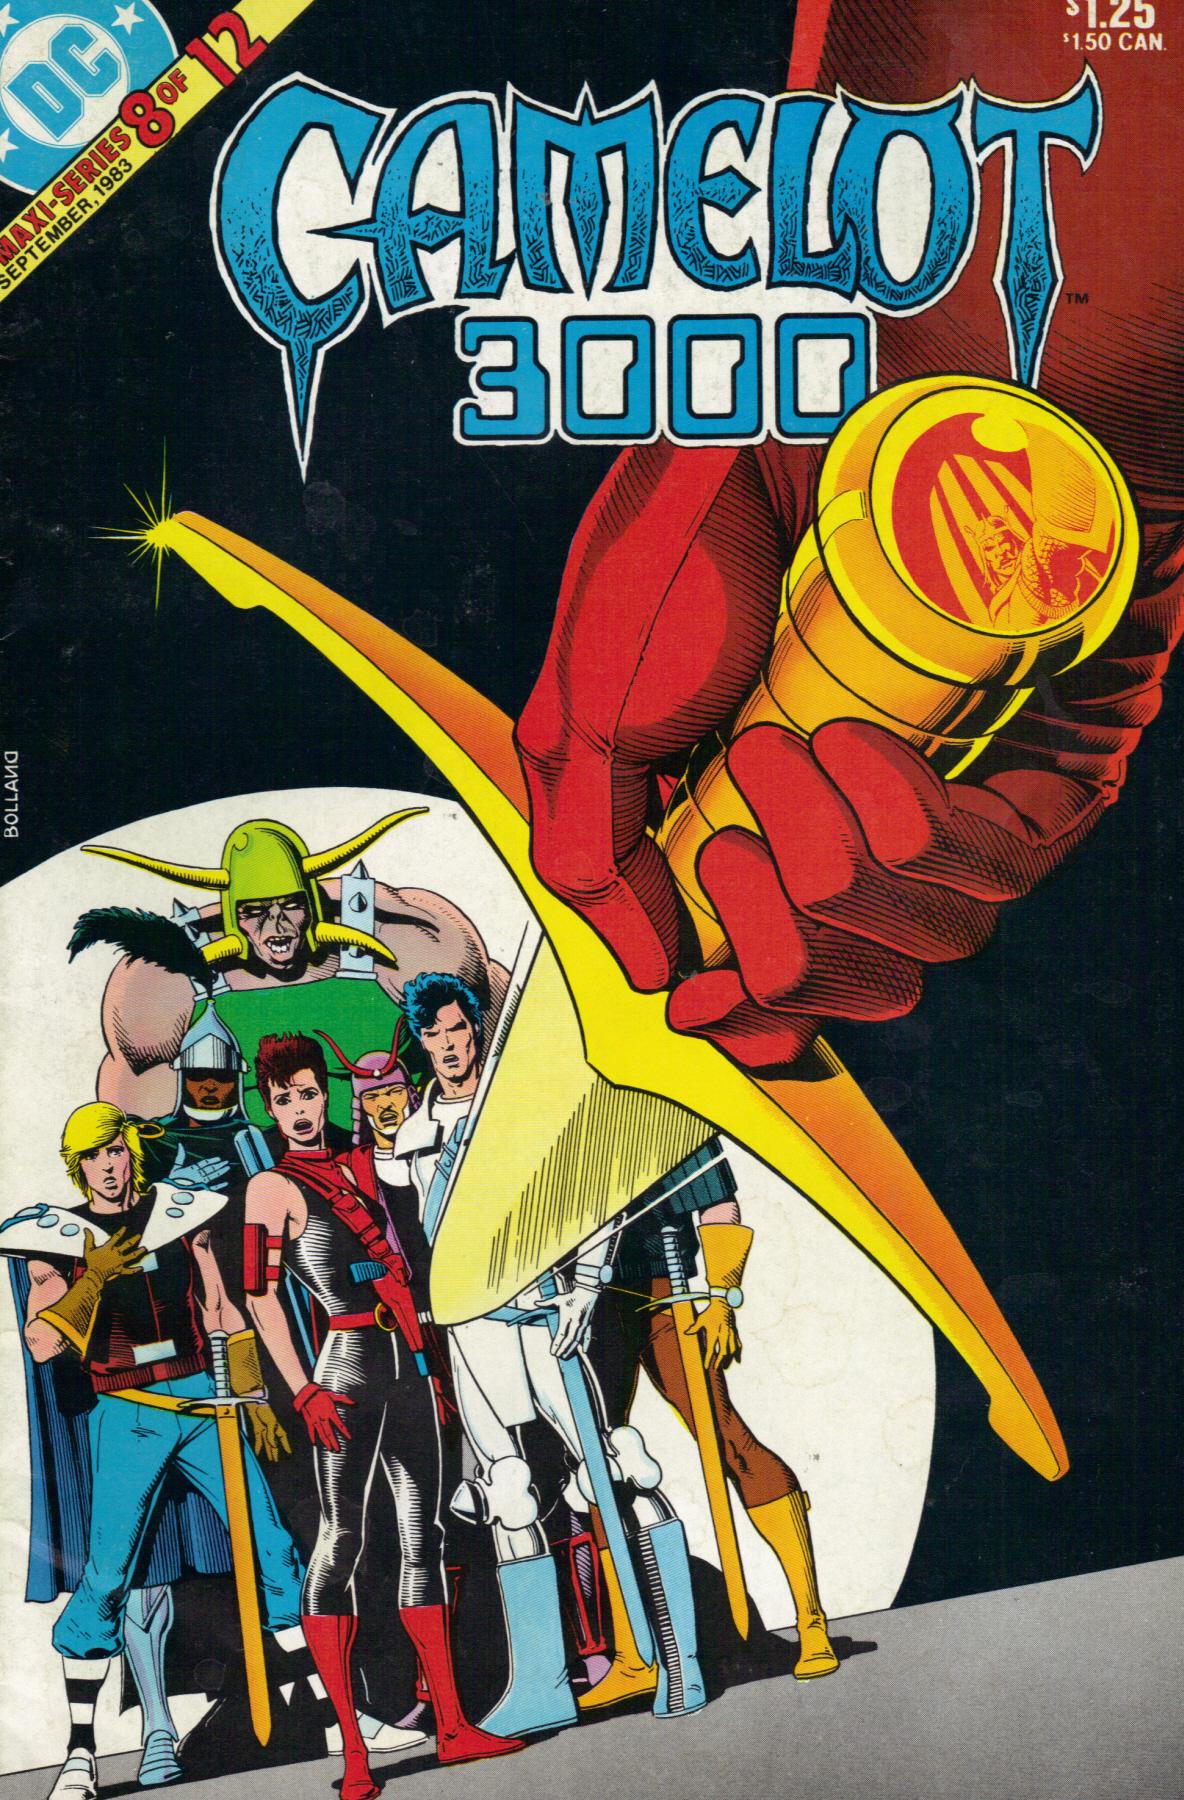 Camelot 3000 Vol 1 8